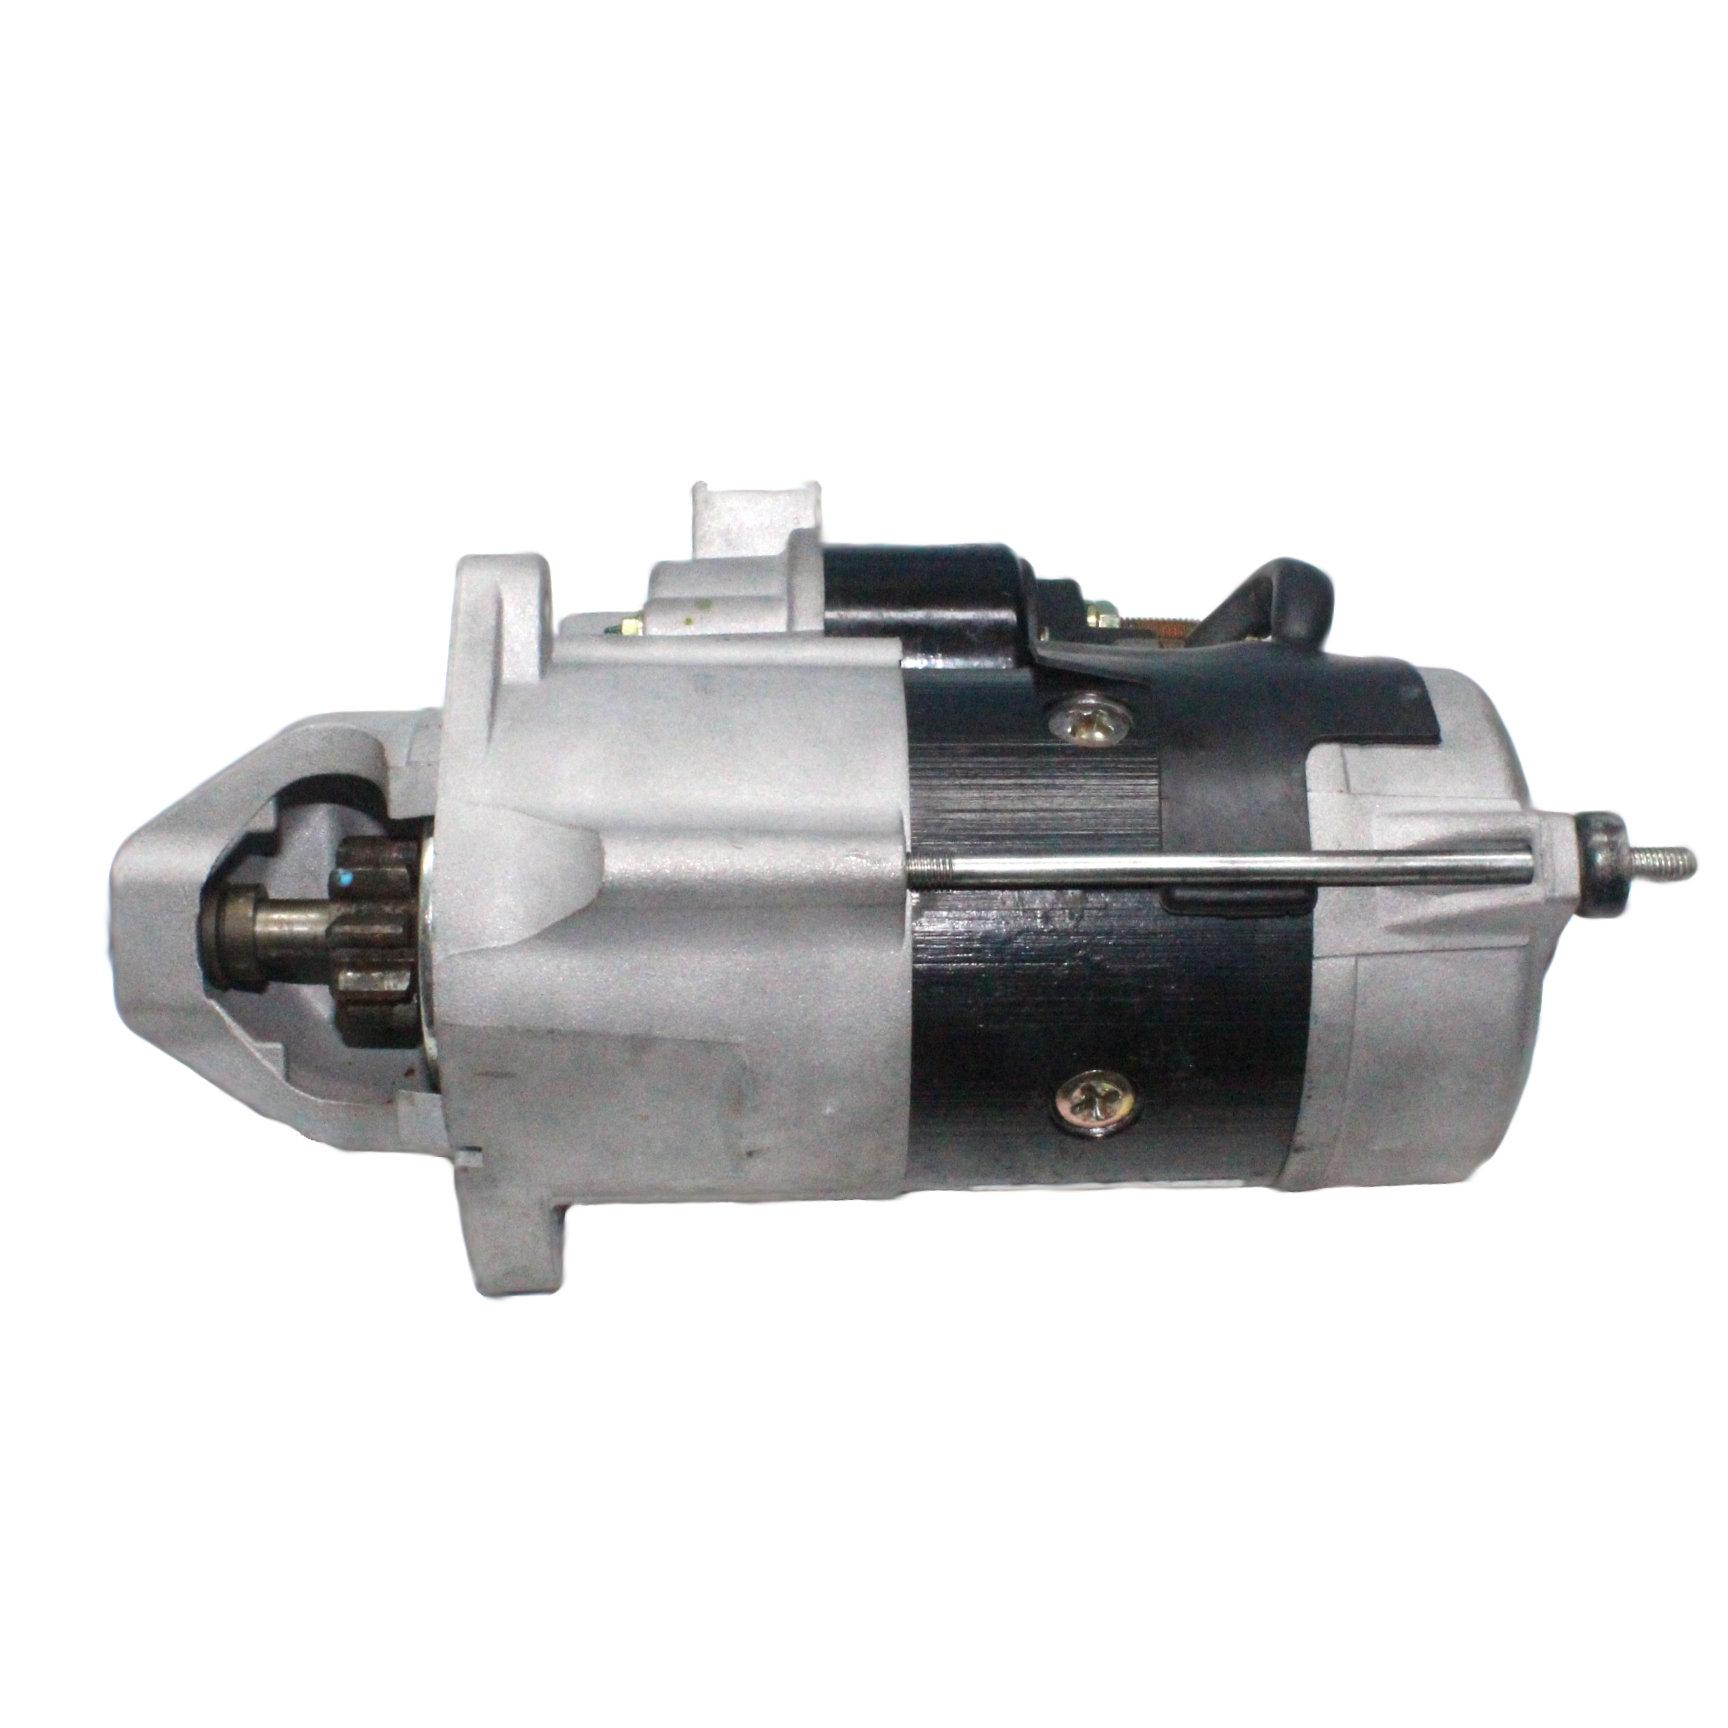 Motor de Arranque Partida Fiat Ducato, Iveco, Citroen Jumper 99...02 63114014